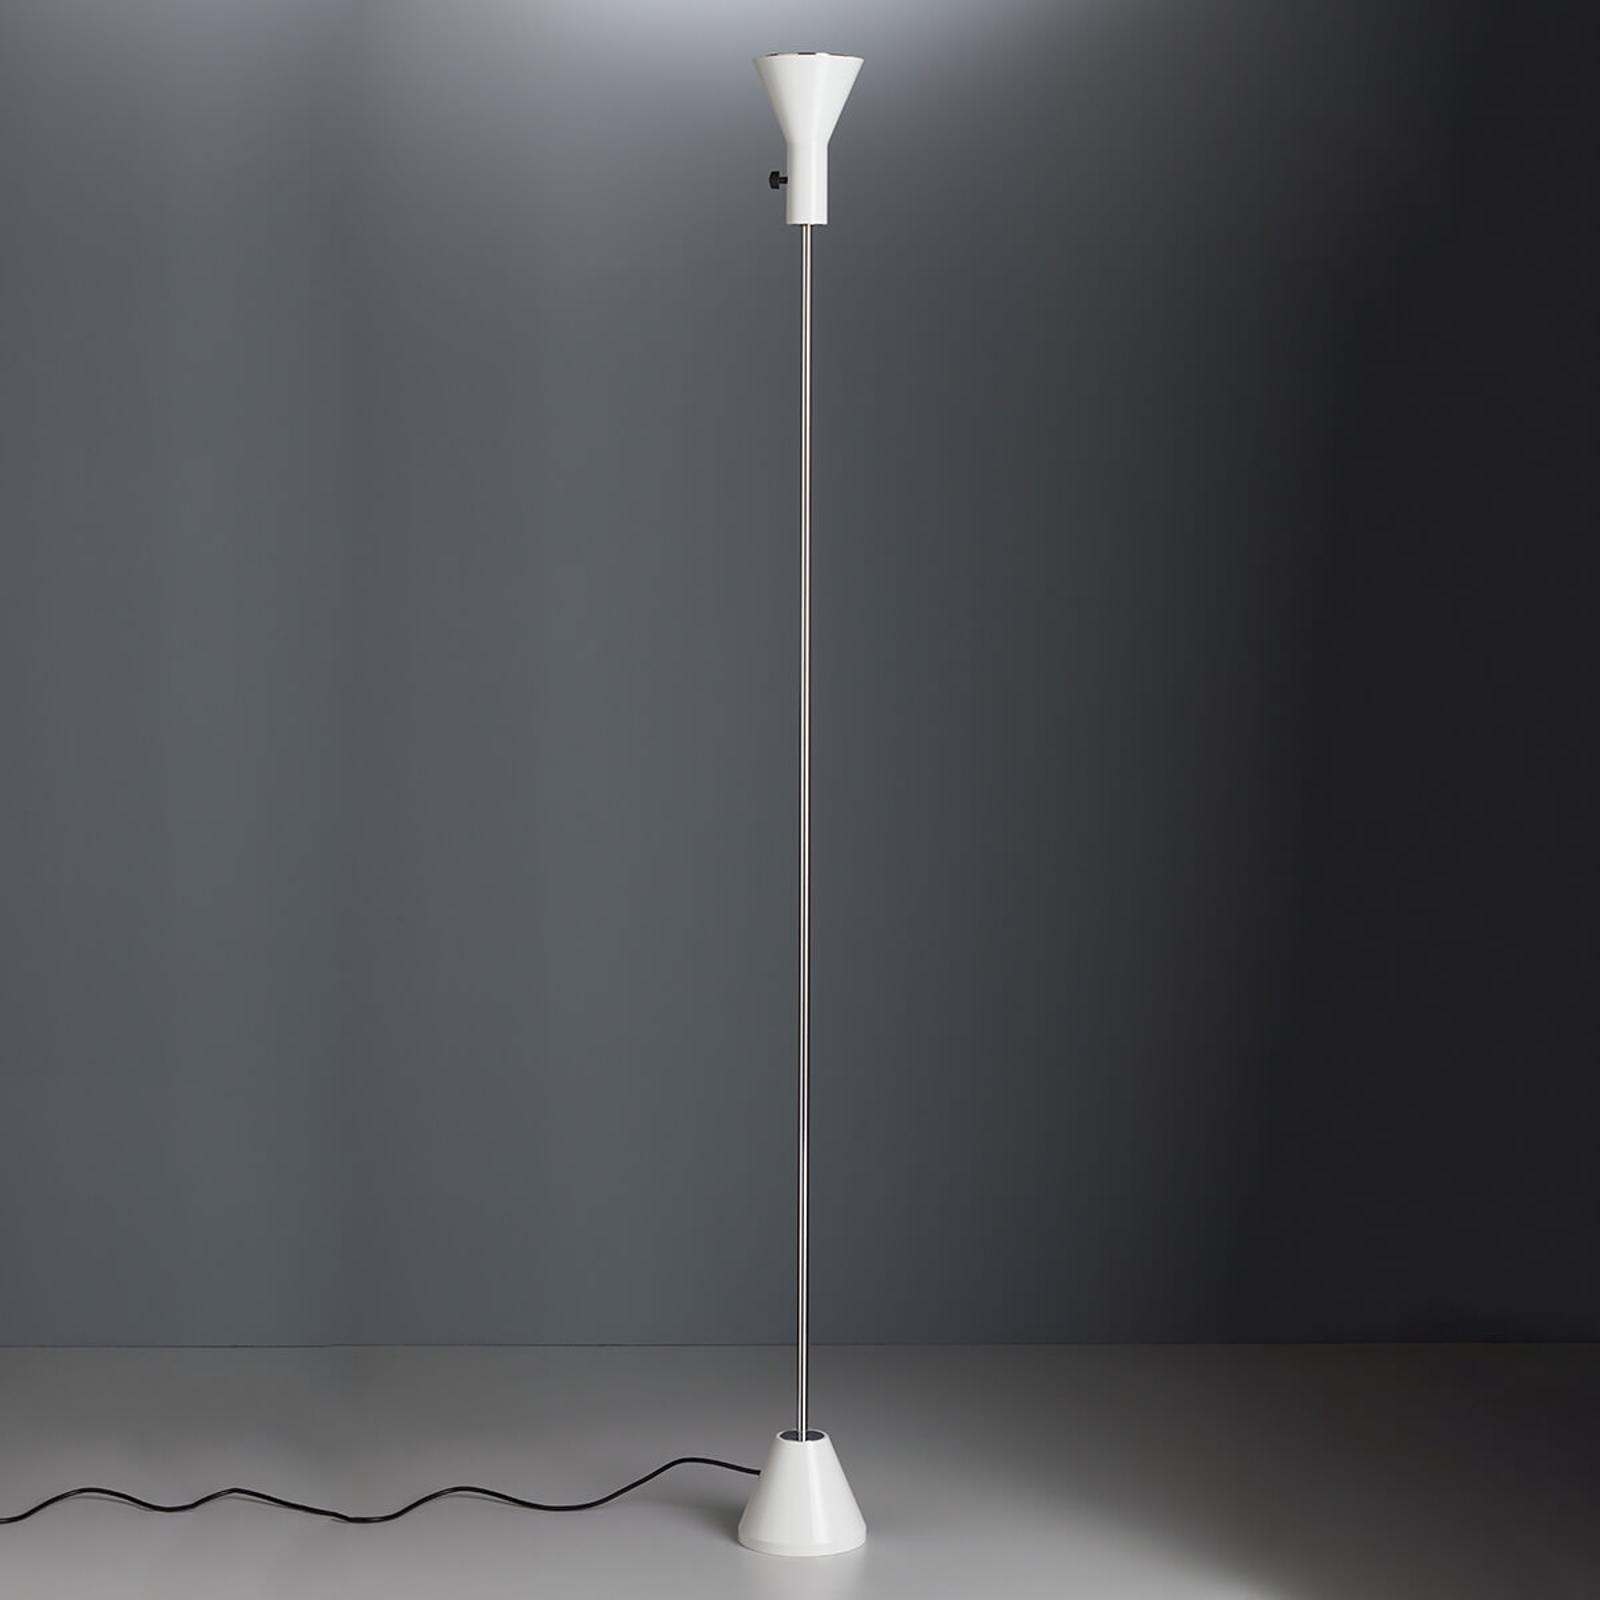 Biała designerska lampa stojąca Gru z LED